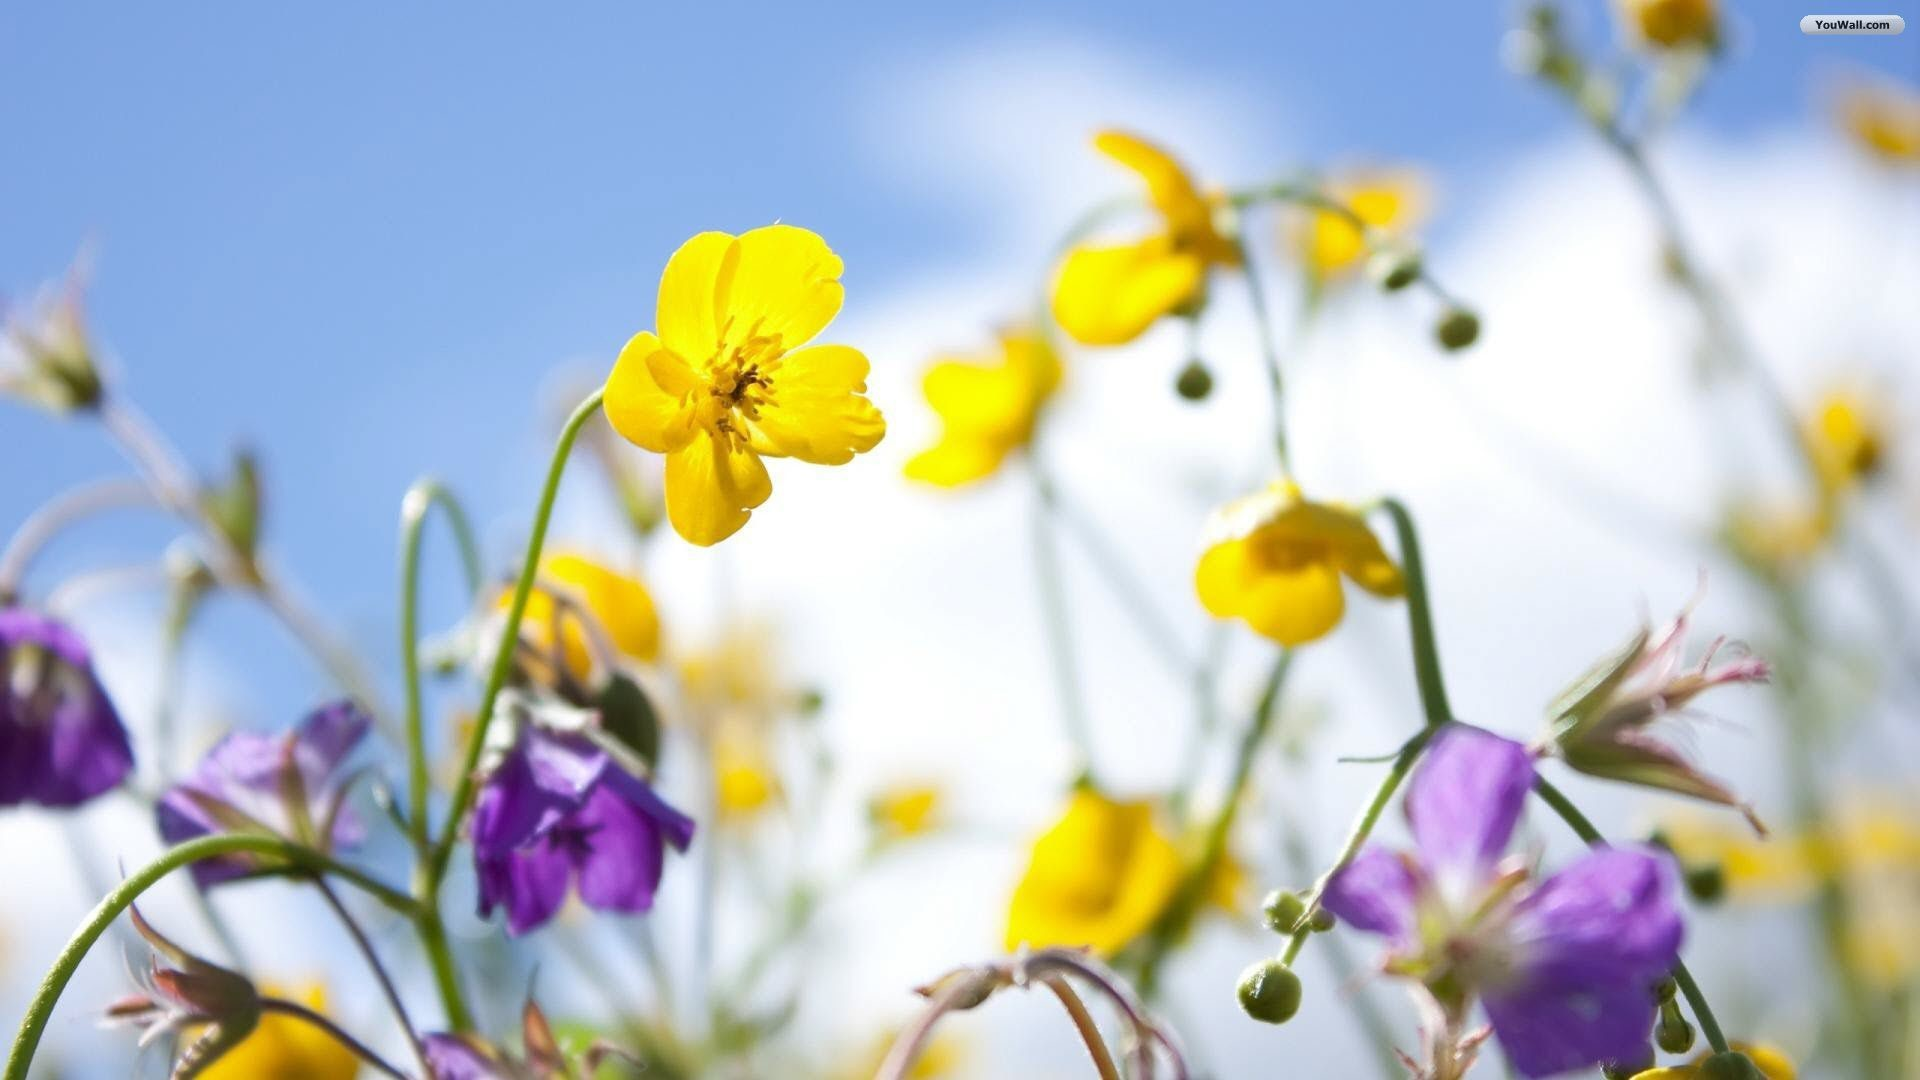 Desktop wallpaper spring flowers 10 mightylinksfo